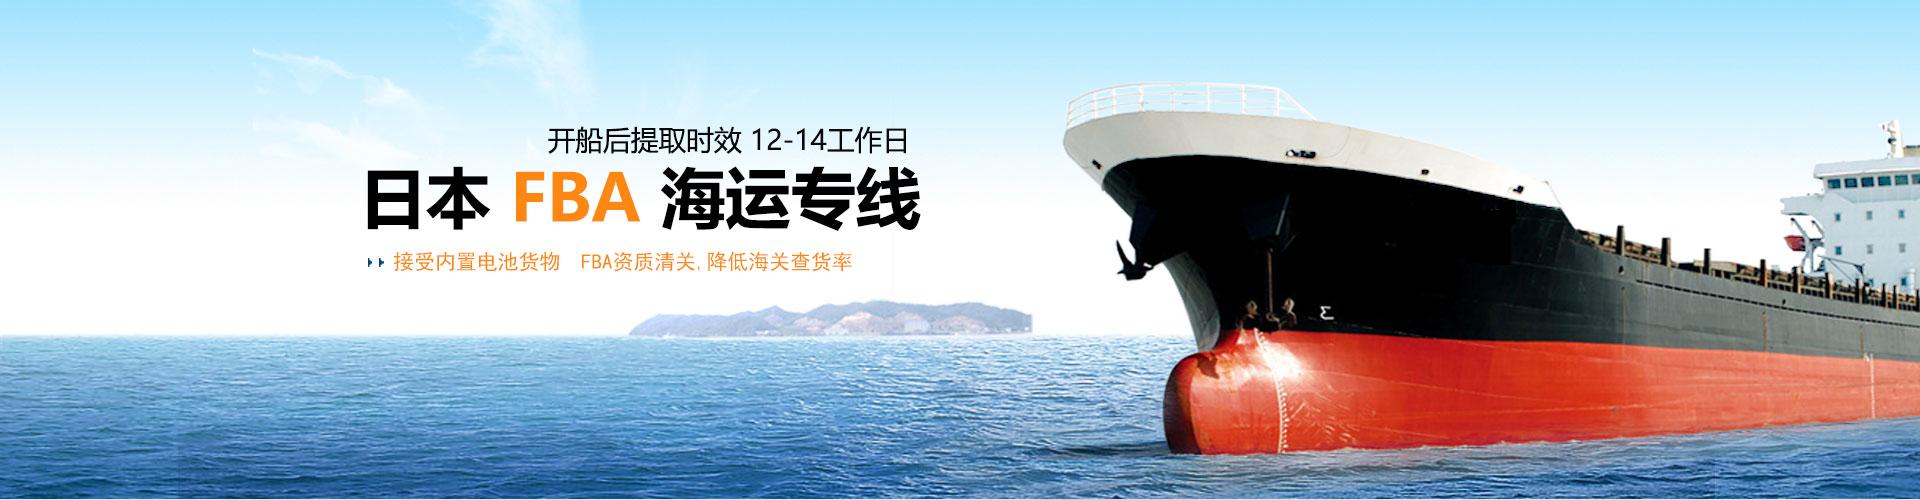 日本FBA海运专线